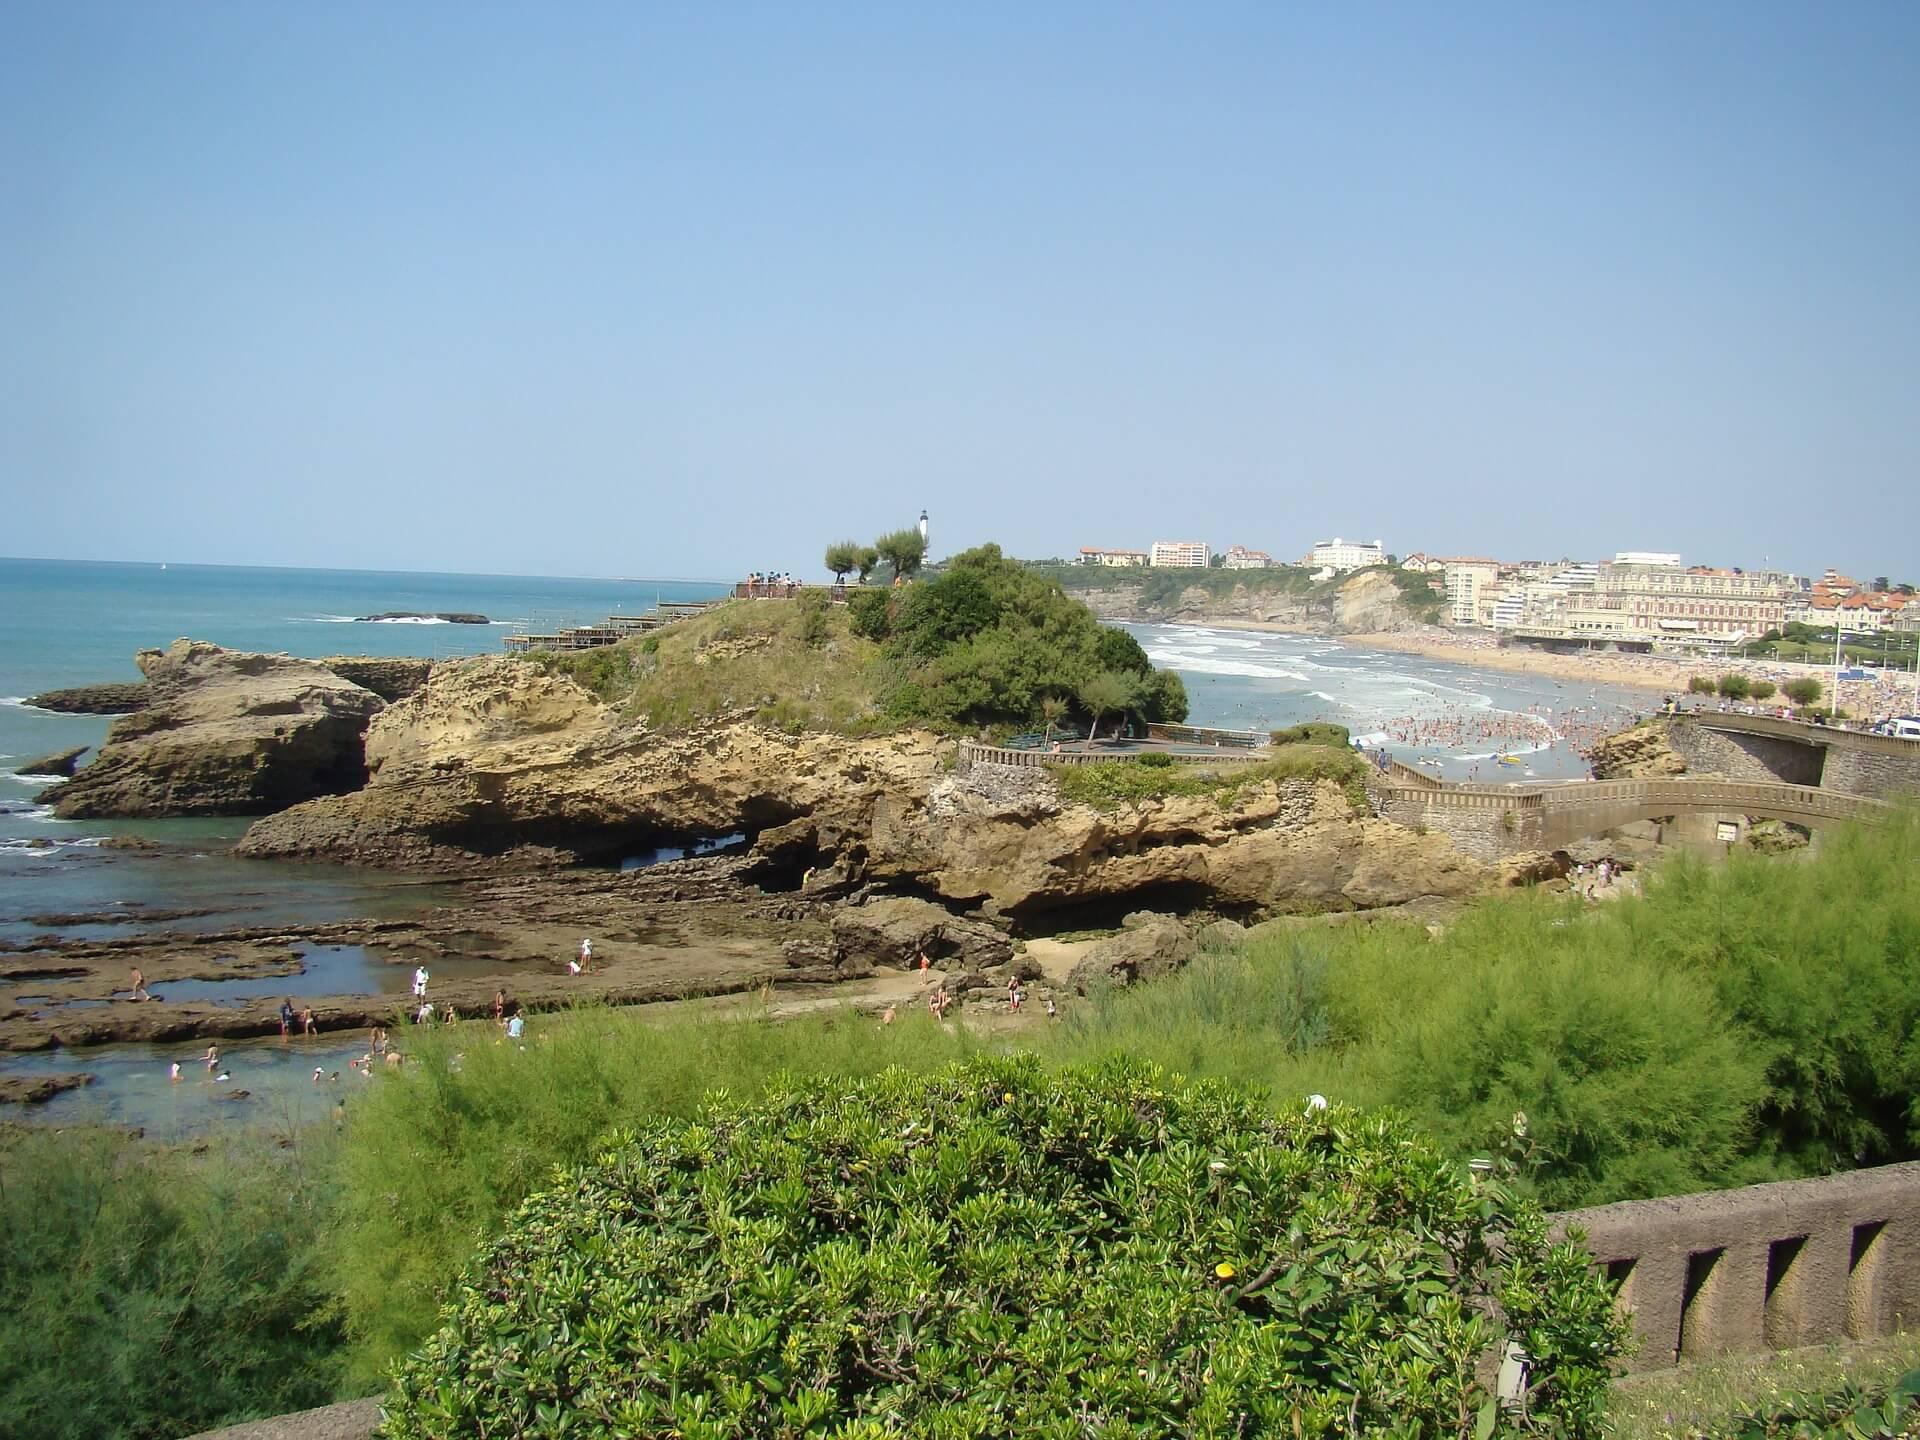 Direktflüge und Billigflüge ab München nach Biarritz